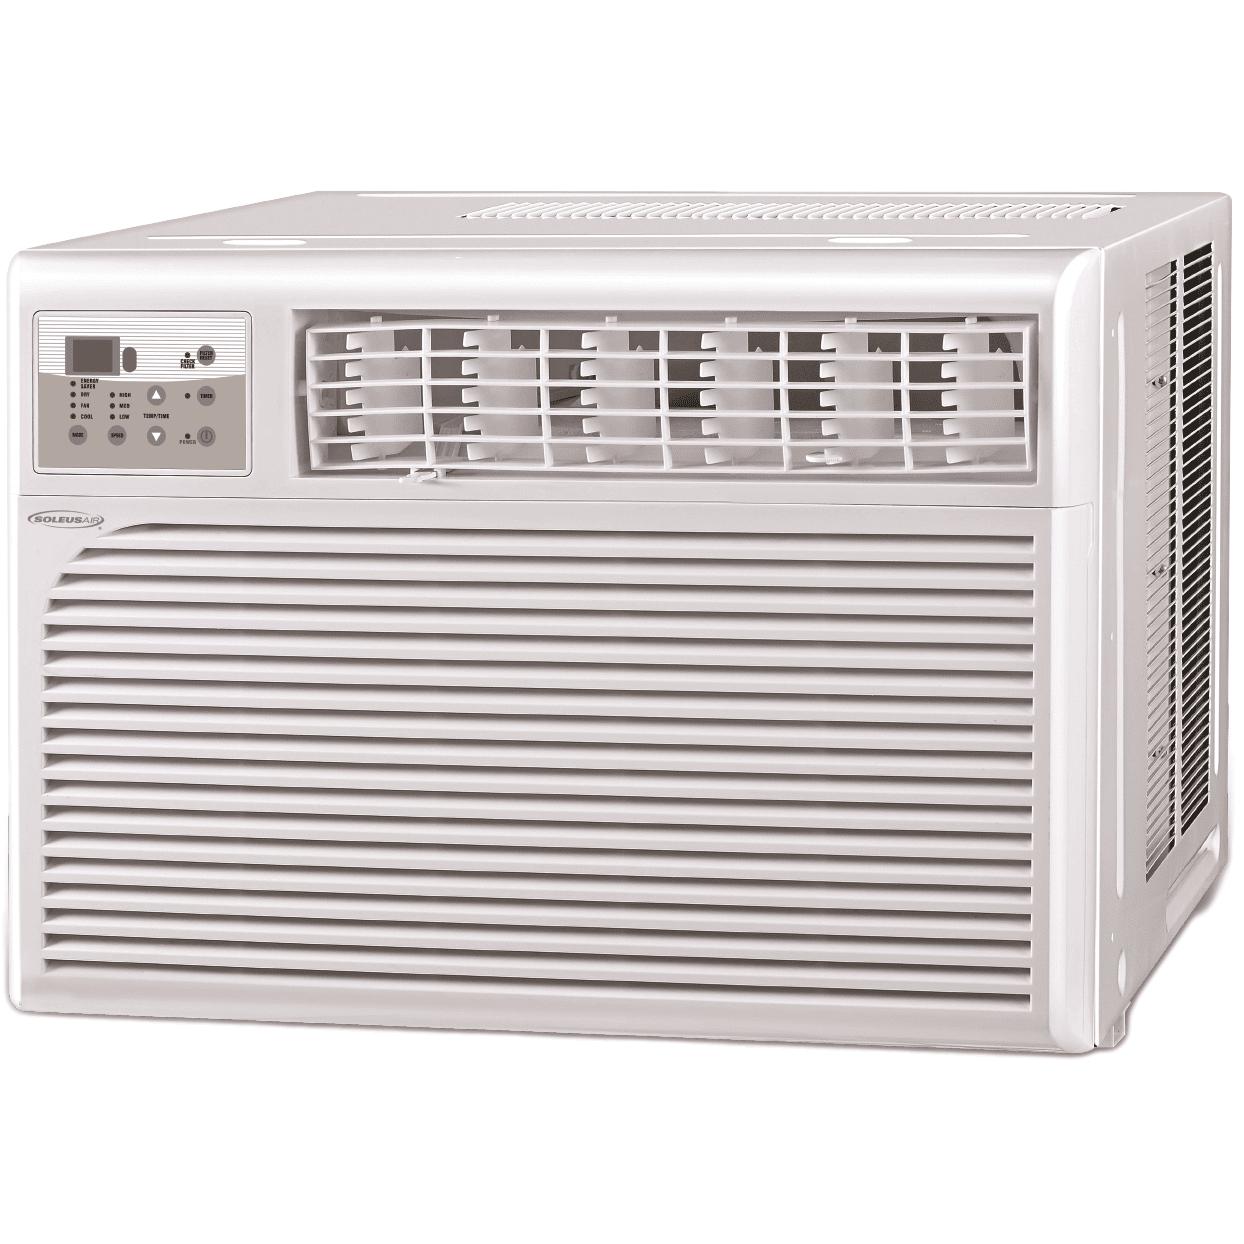 Soleus Air HCC-W15ES-01 15,000 BTU Window Air Conditioner